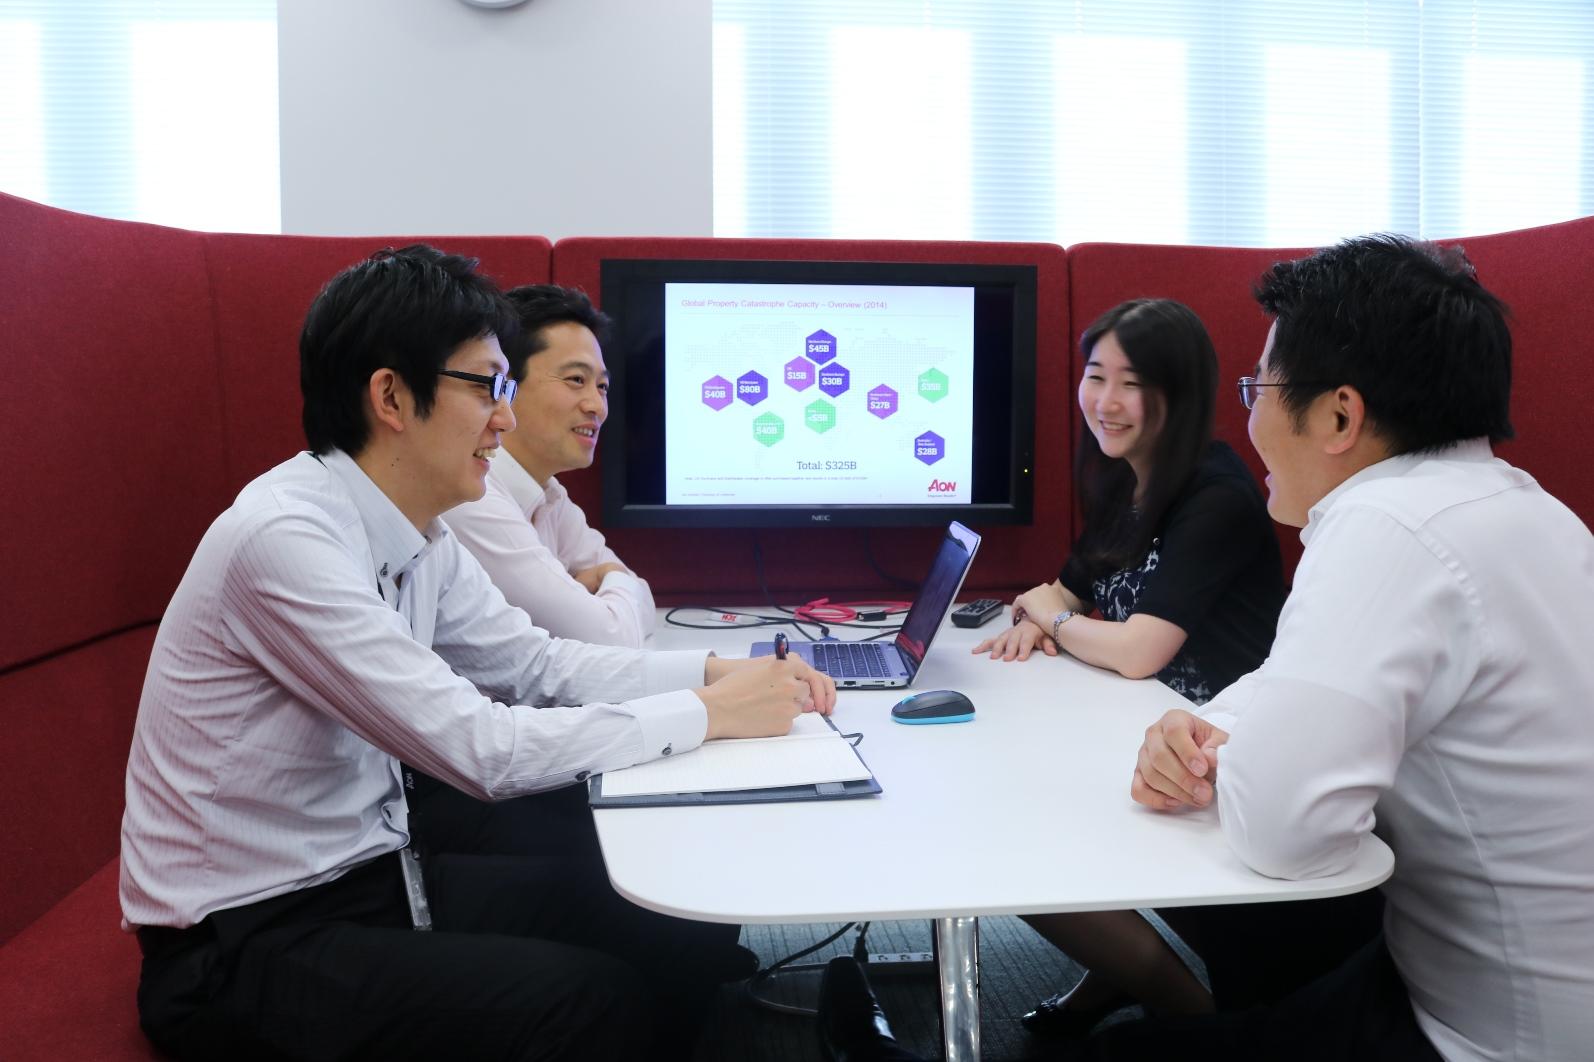 グローバルな環境です。英語を使いたい学生は必見!